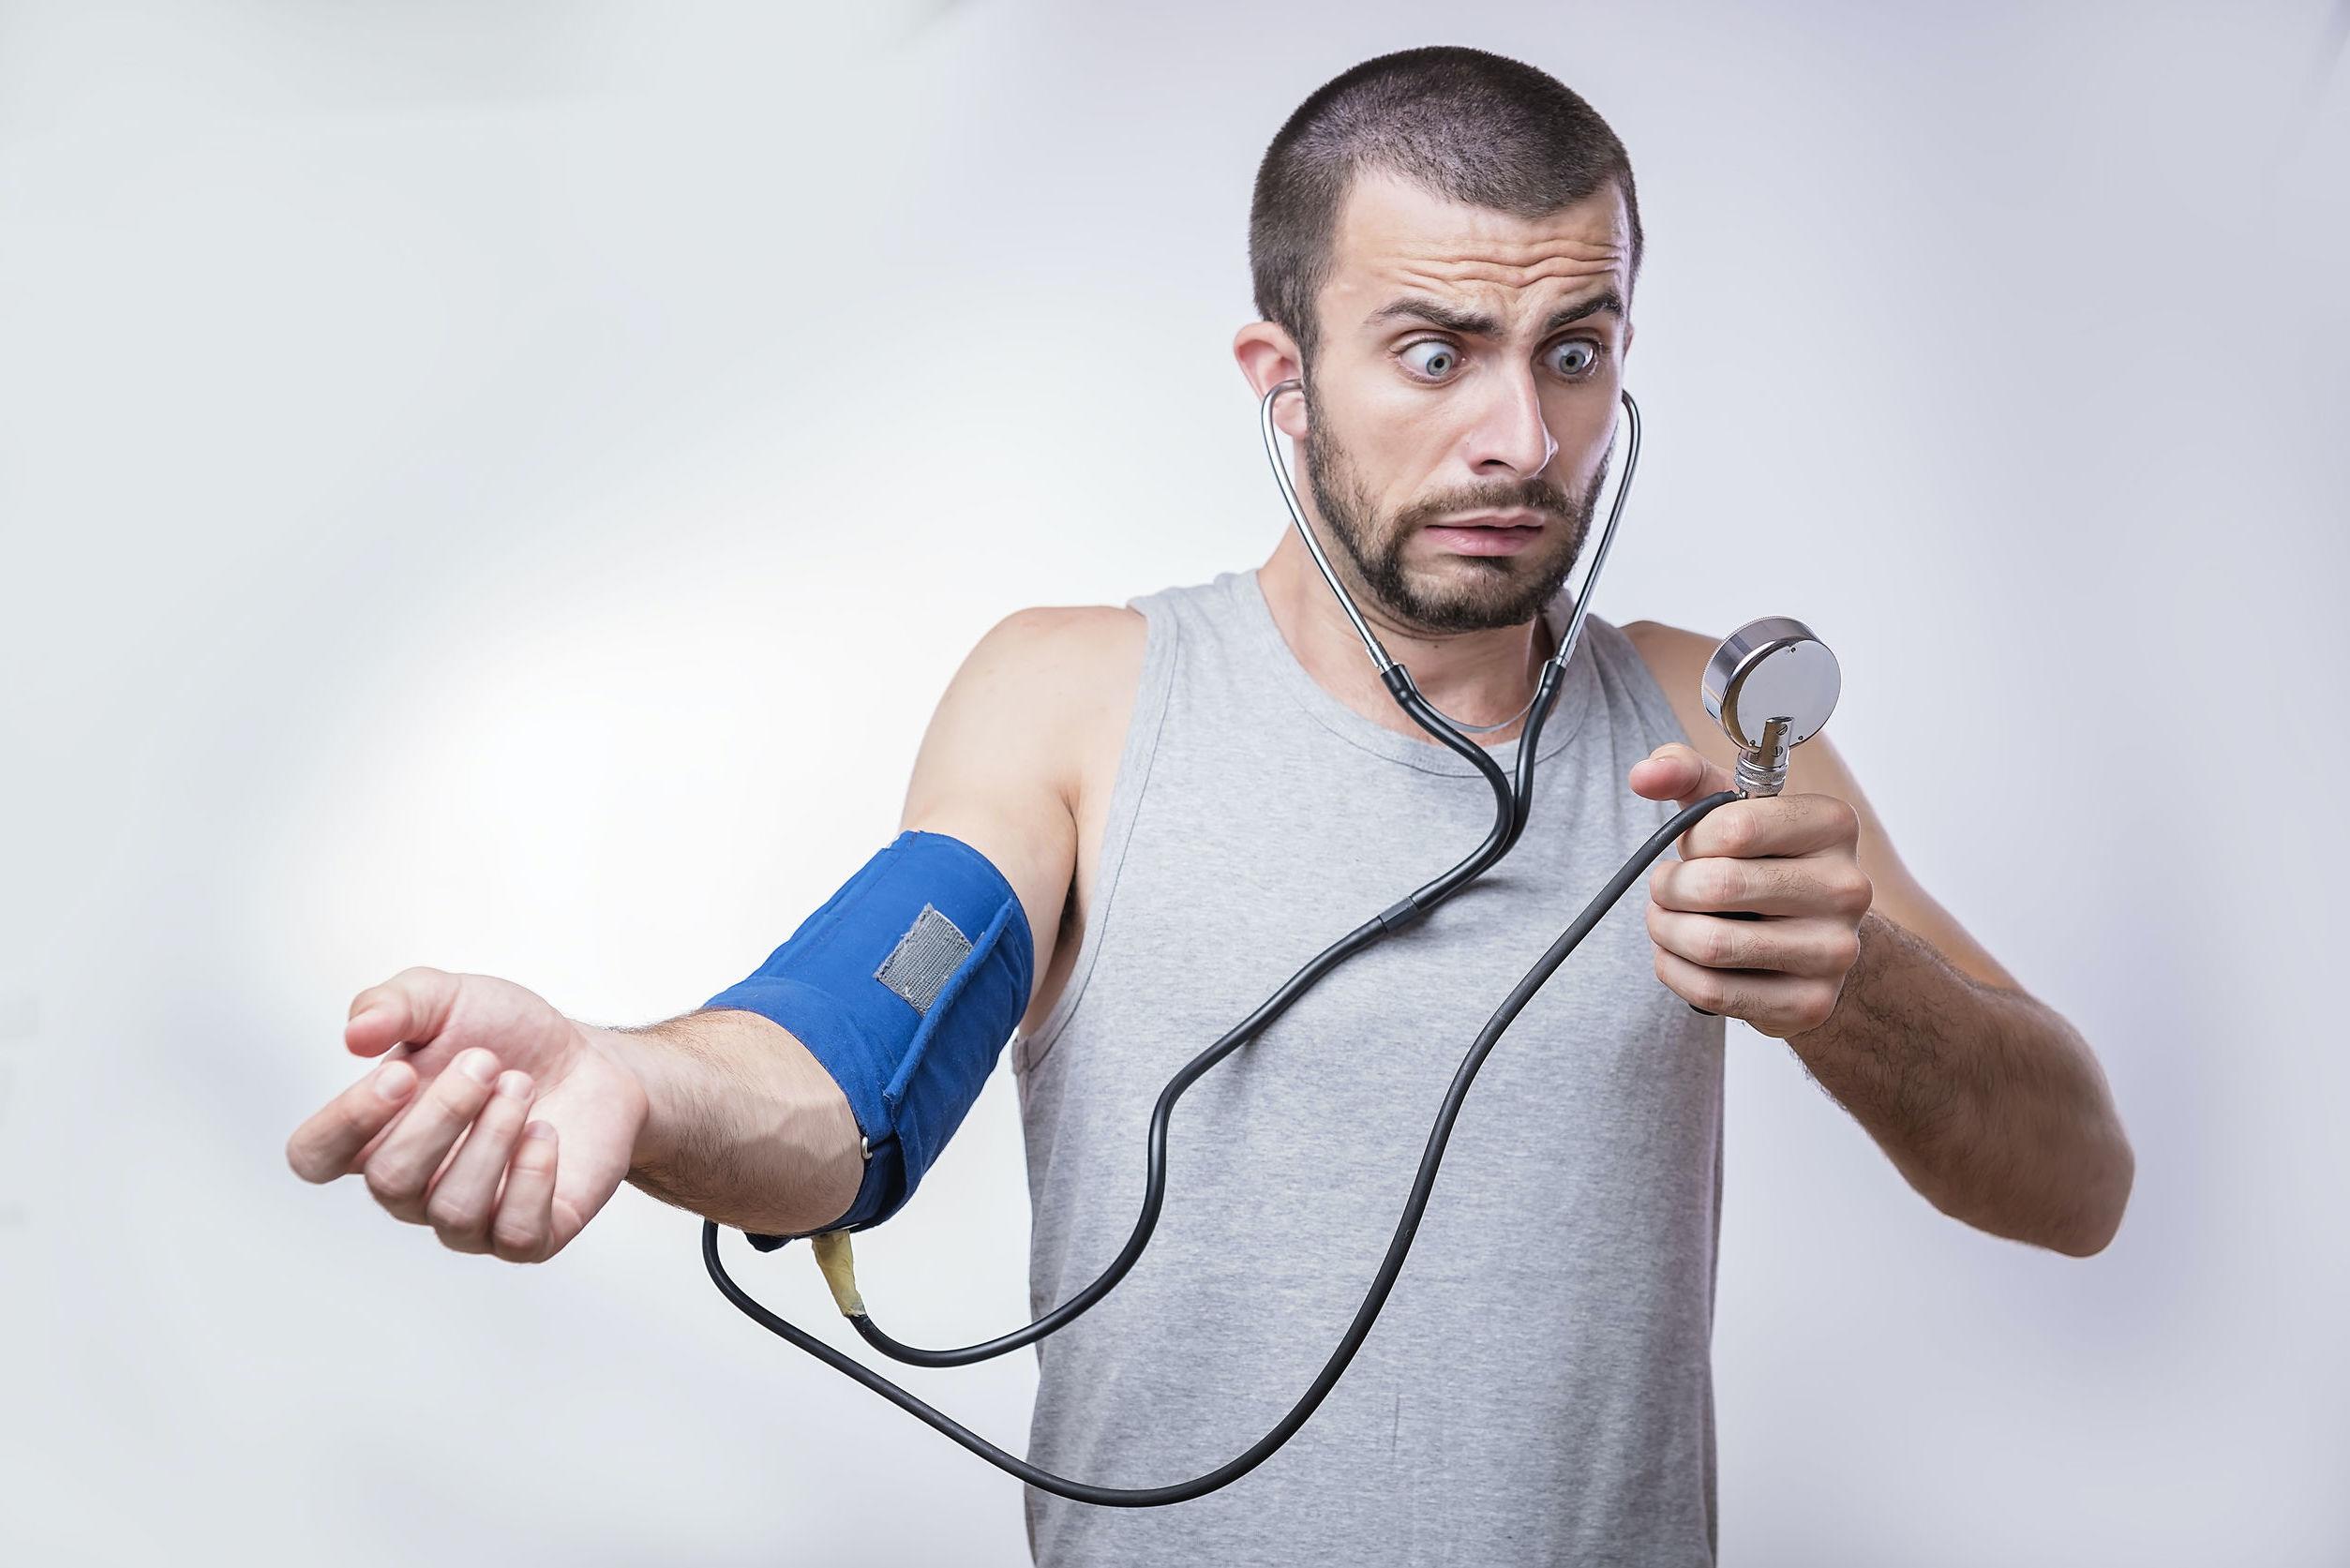 mi a magas vérnyomás esetén az ncd diagnózisa hogyan lehet örökre megszabadulni a magas vérnyomástól fórum